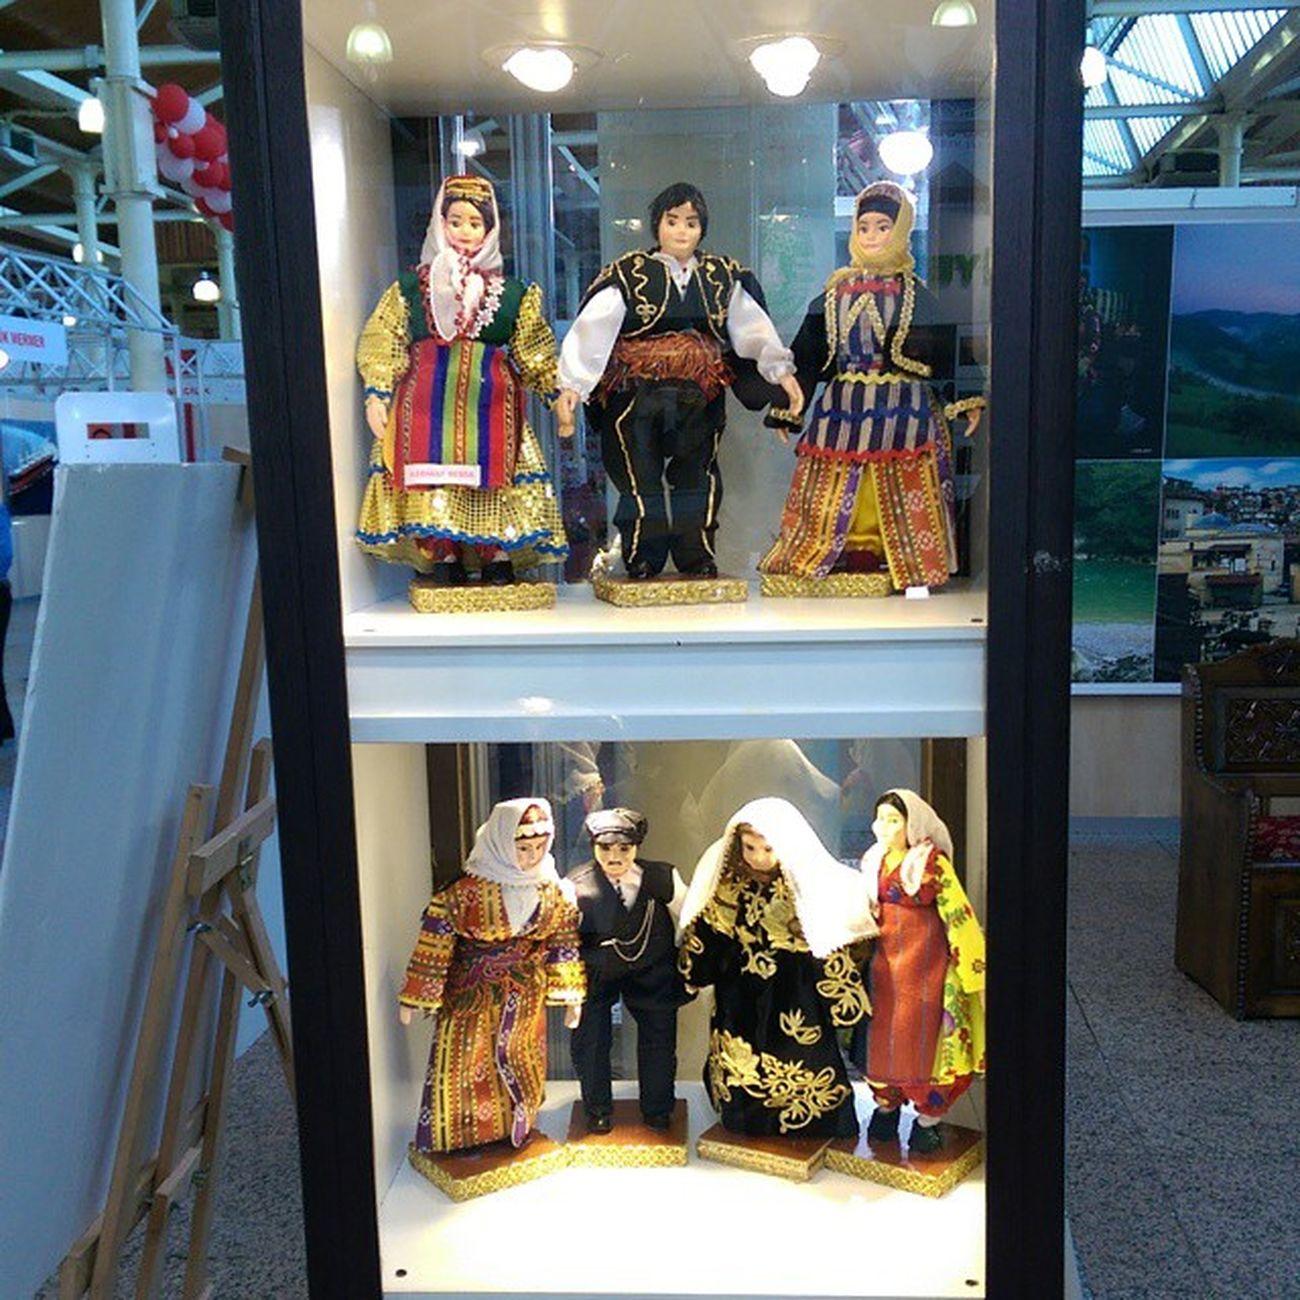 Kastamonu bebek evinden Feshane Kastamonu Günleri Feshane Kastamonu Eyüpsultan  Istanbul kermes senlik yoresel color